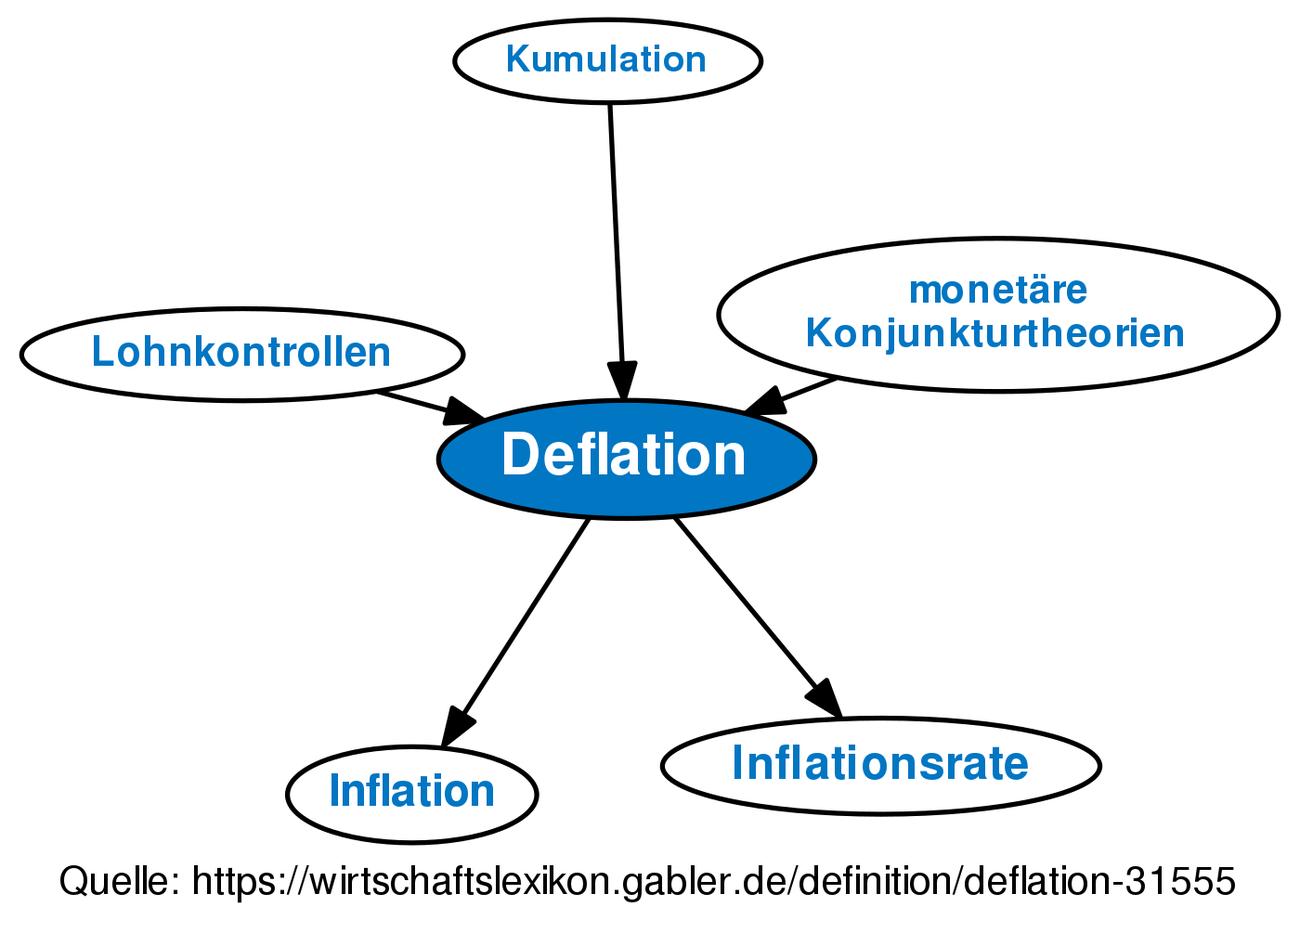 deflation definition gabler wirtschaftslexikon. Black Bedroom Furniture Sets. Home Design Ideas